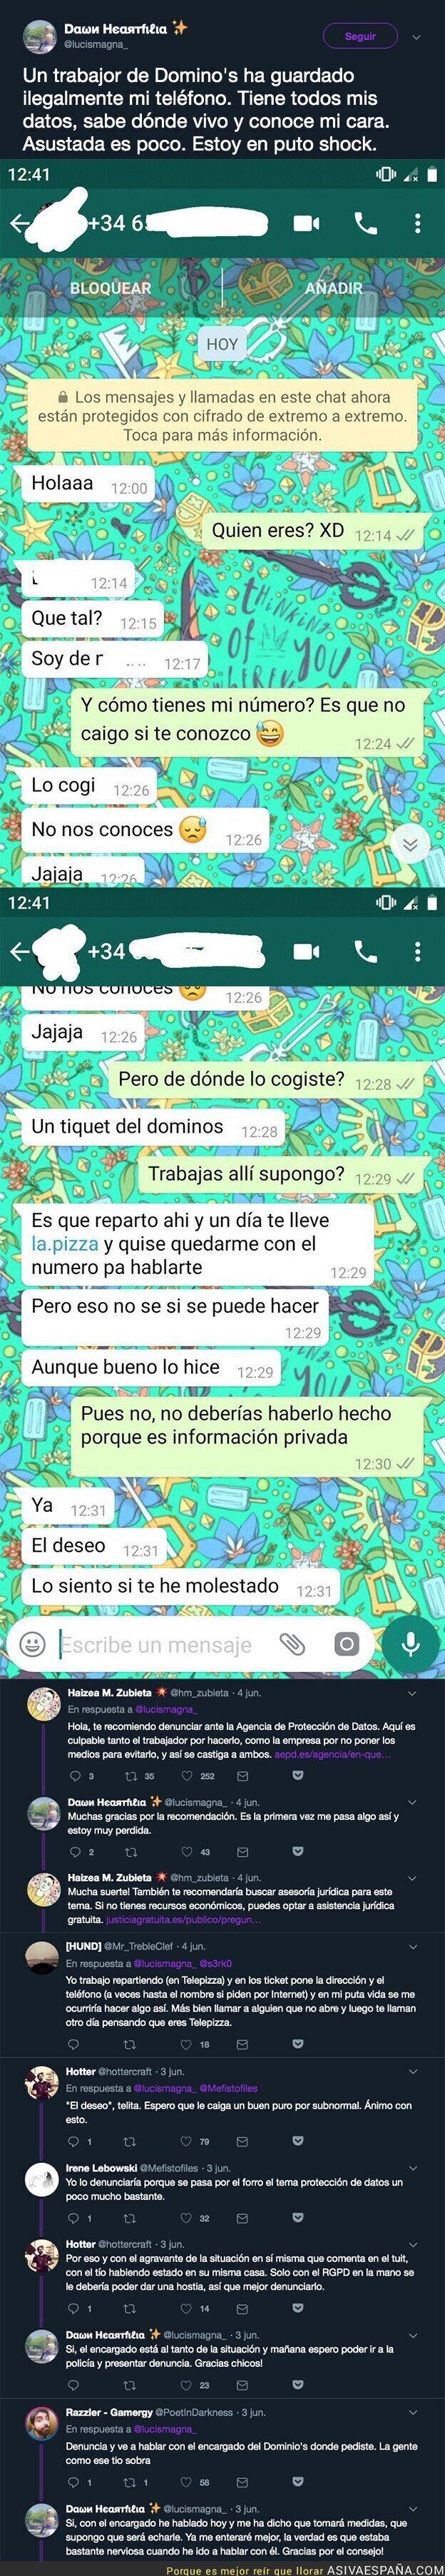 113689 - La denuncia de esta chica al recibir estos mensajes de un repartidor del Domino's Pizza